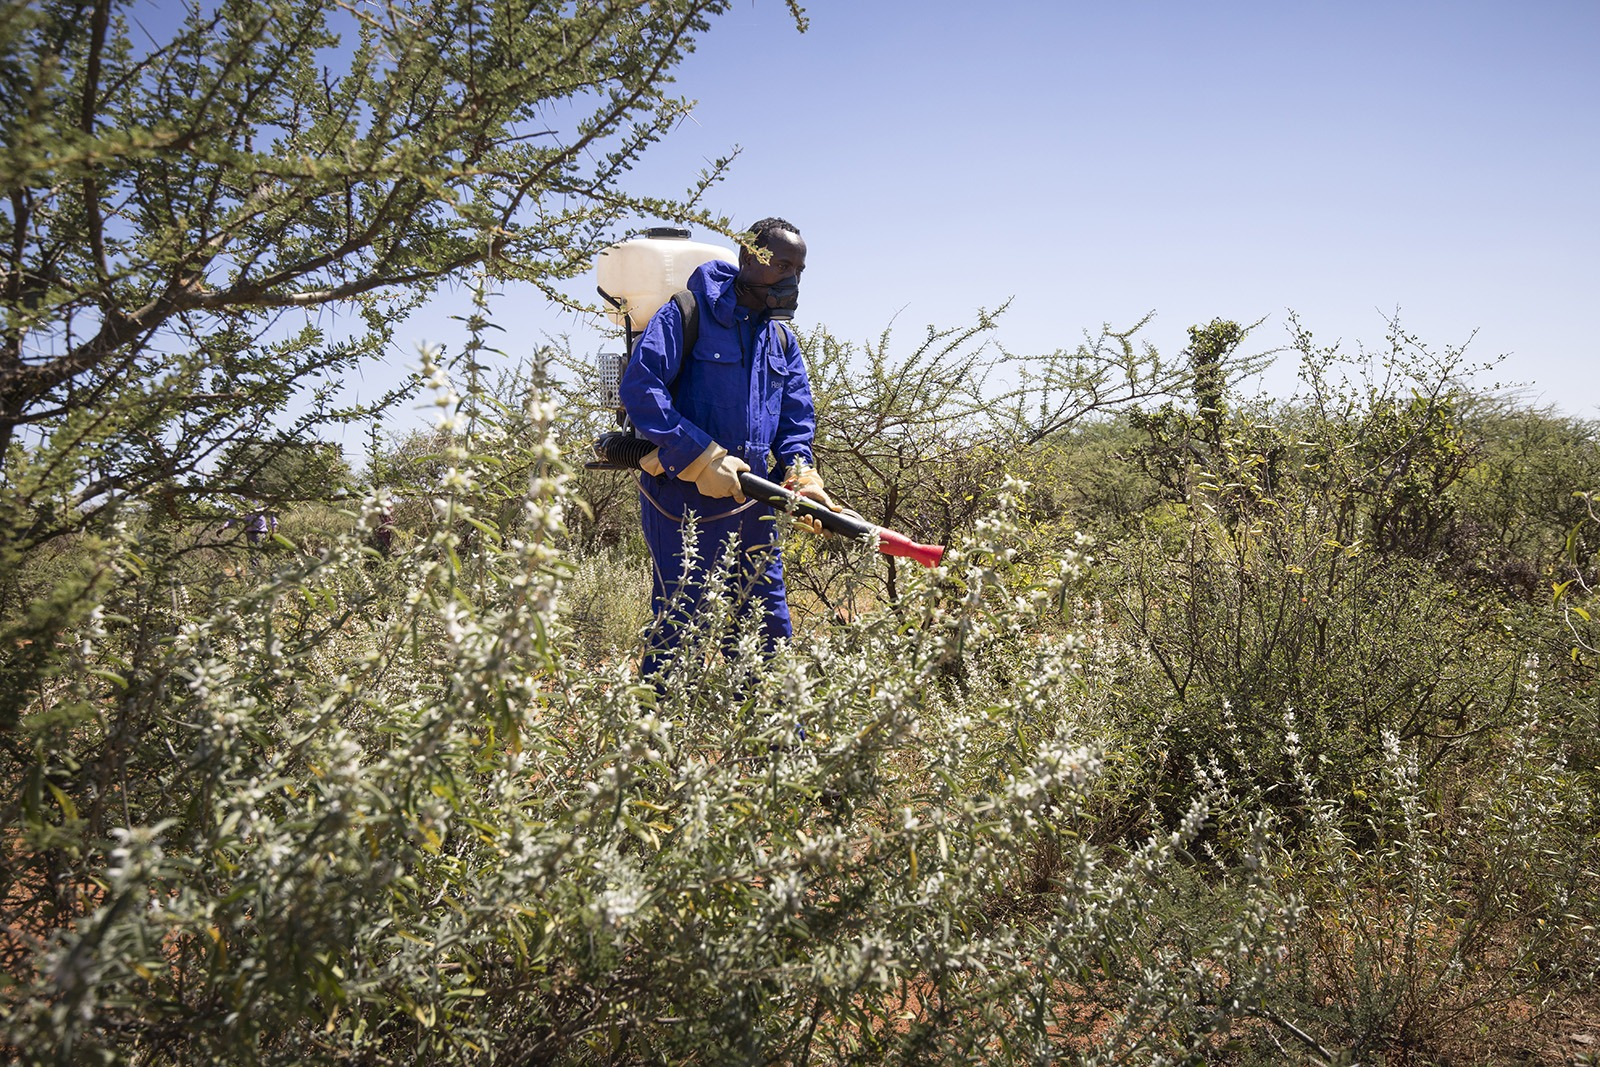 Lotta per la sopravvivenza: I collaboratori del governo e i piccoli agricoltori combattono contro le locuste con tutti i loro mezzi. (©FAO/Petterik Wiggers)